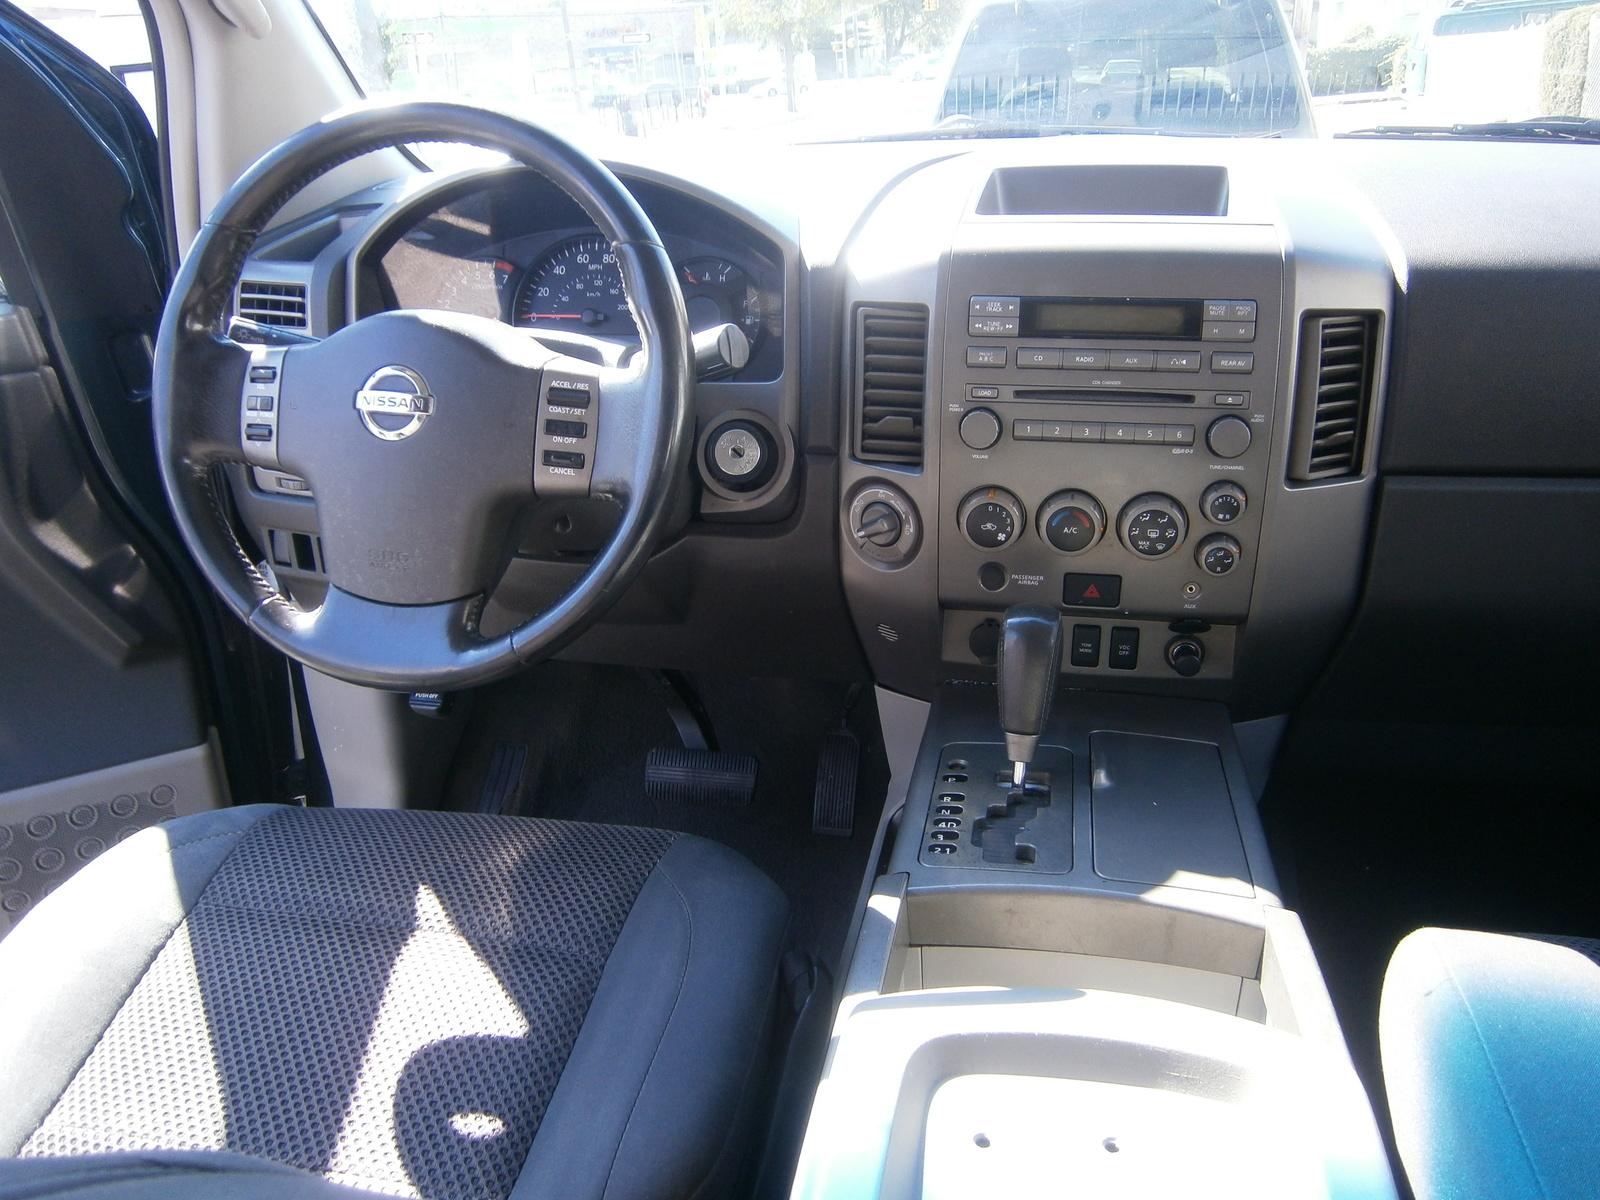 2004 Nissan Armada - Interior Pictures - CarGurus